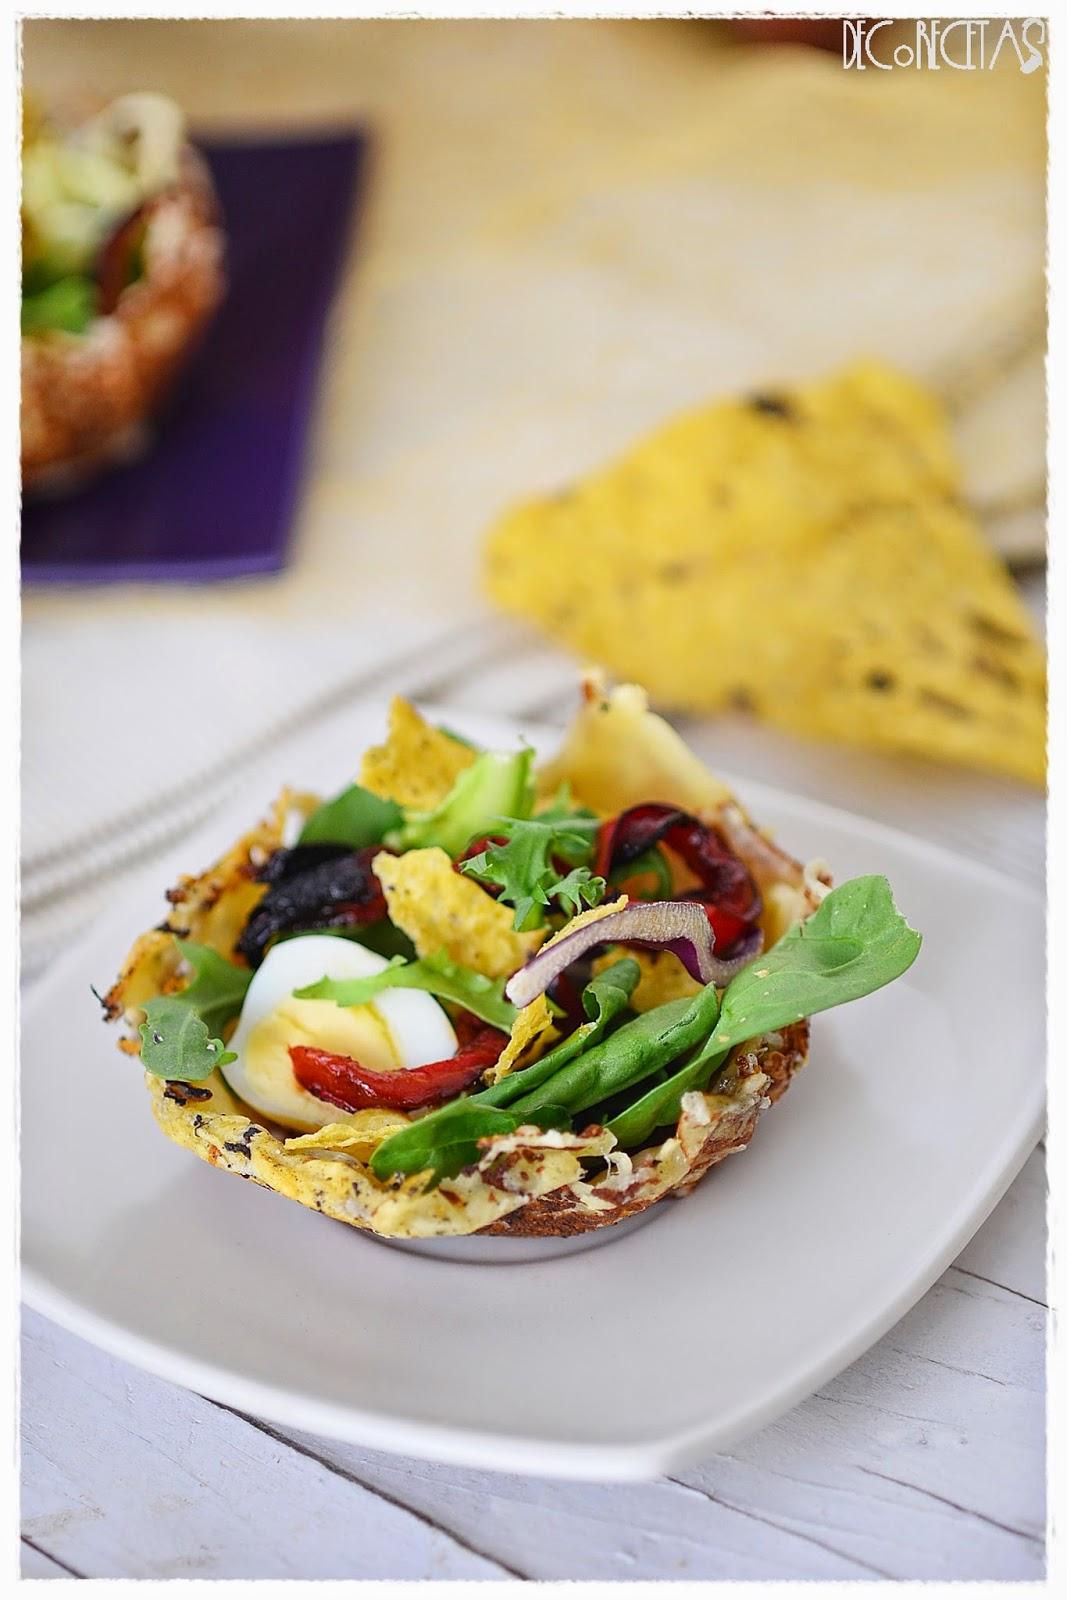 Ensalada con toque crujiente en cesta de queso